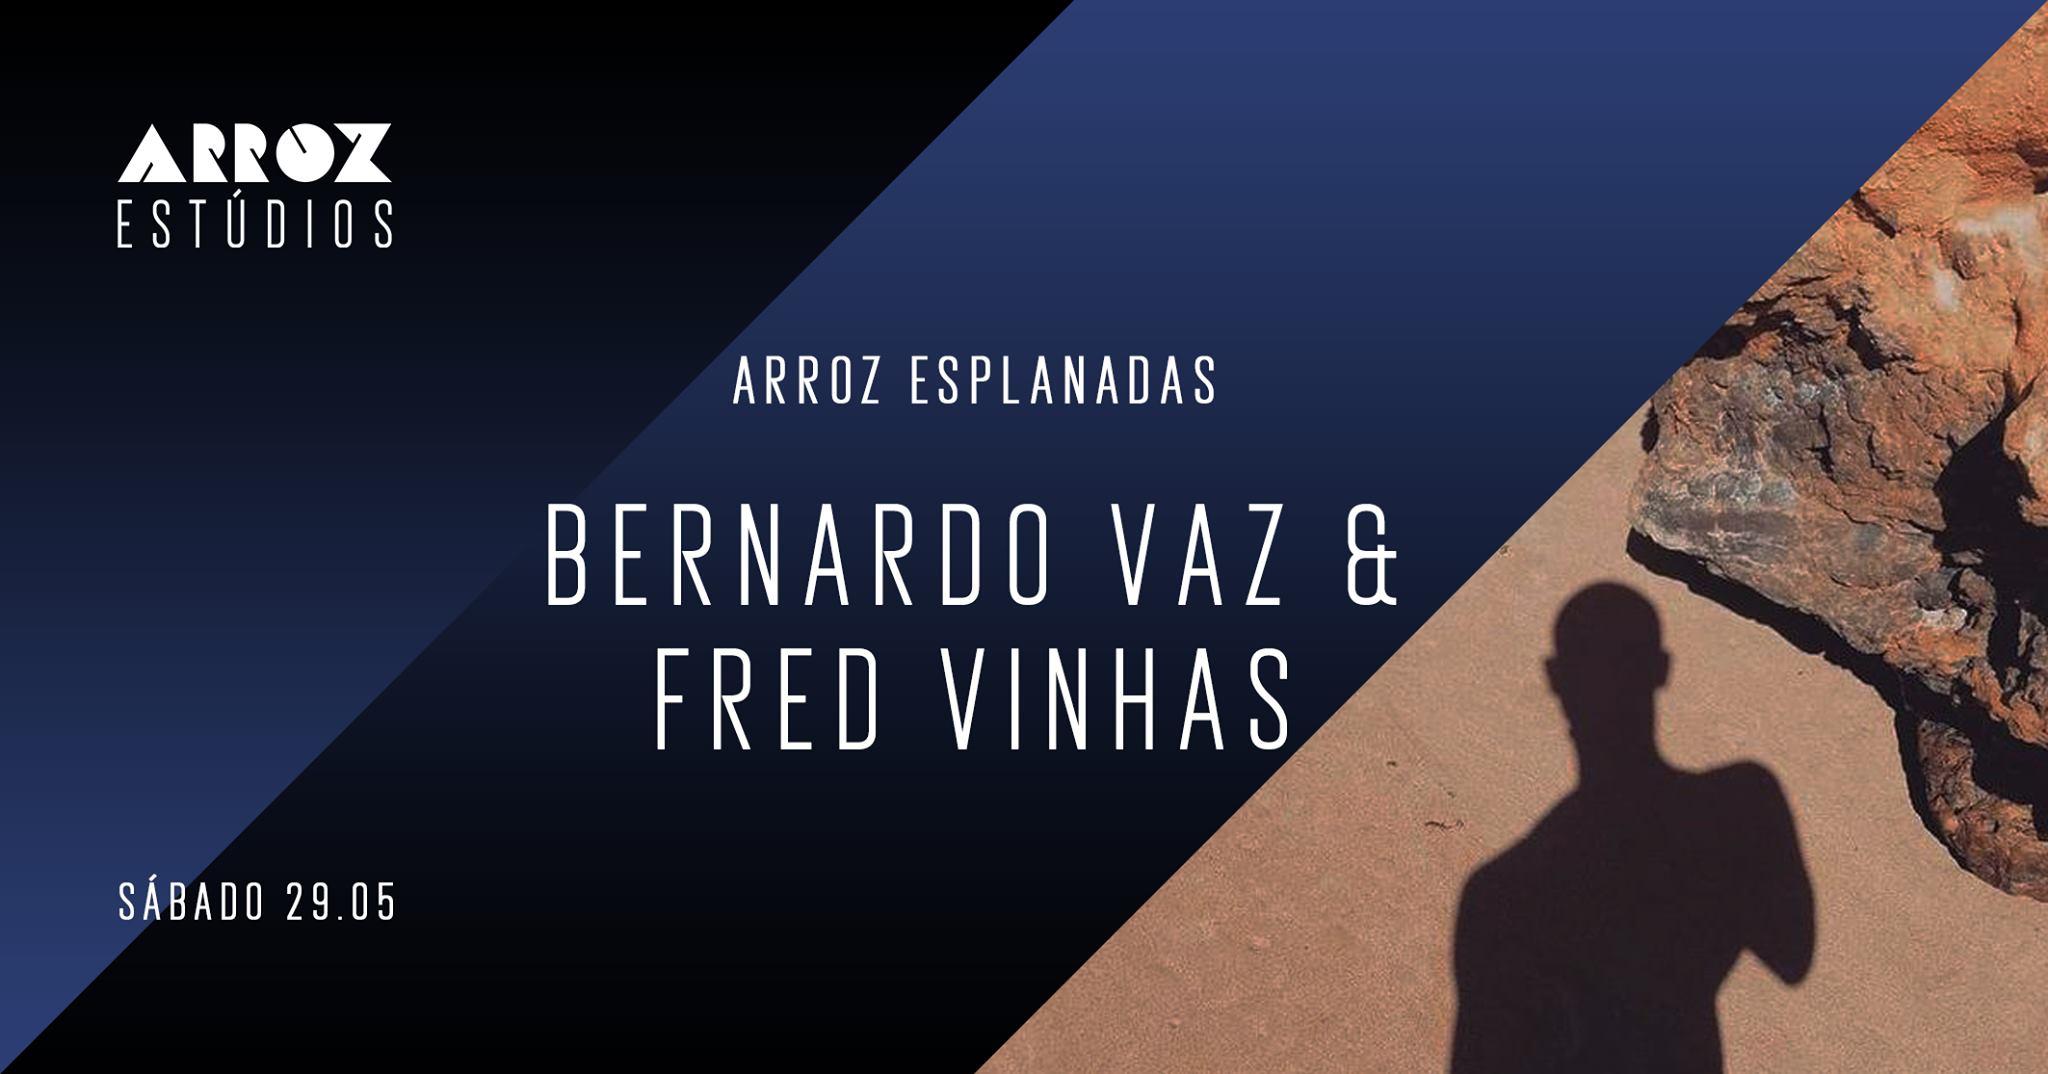 Bernardo Vaz & Fred Vinhas